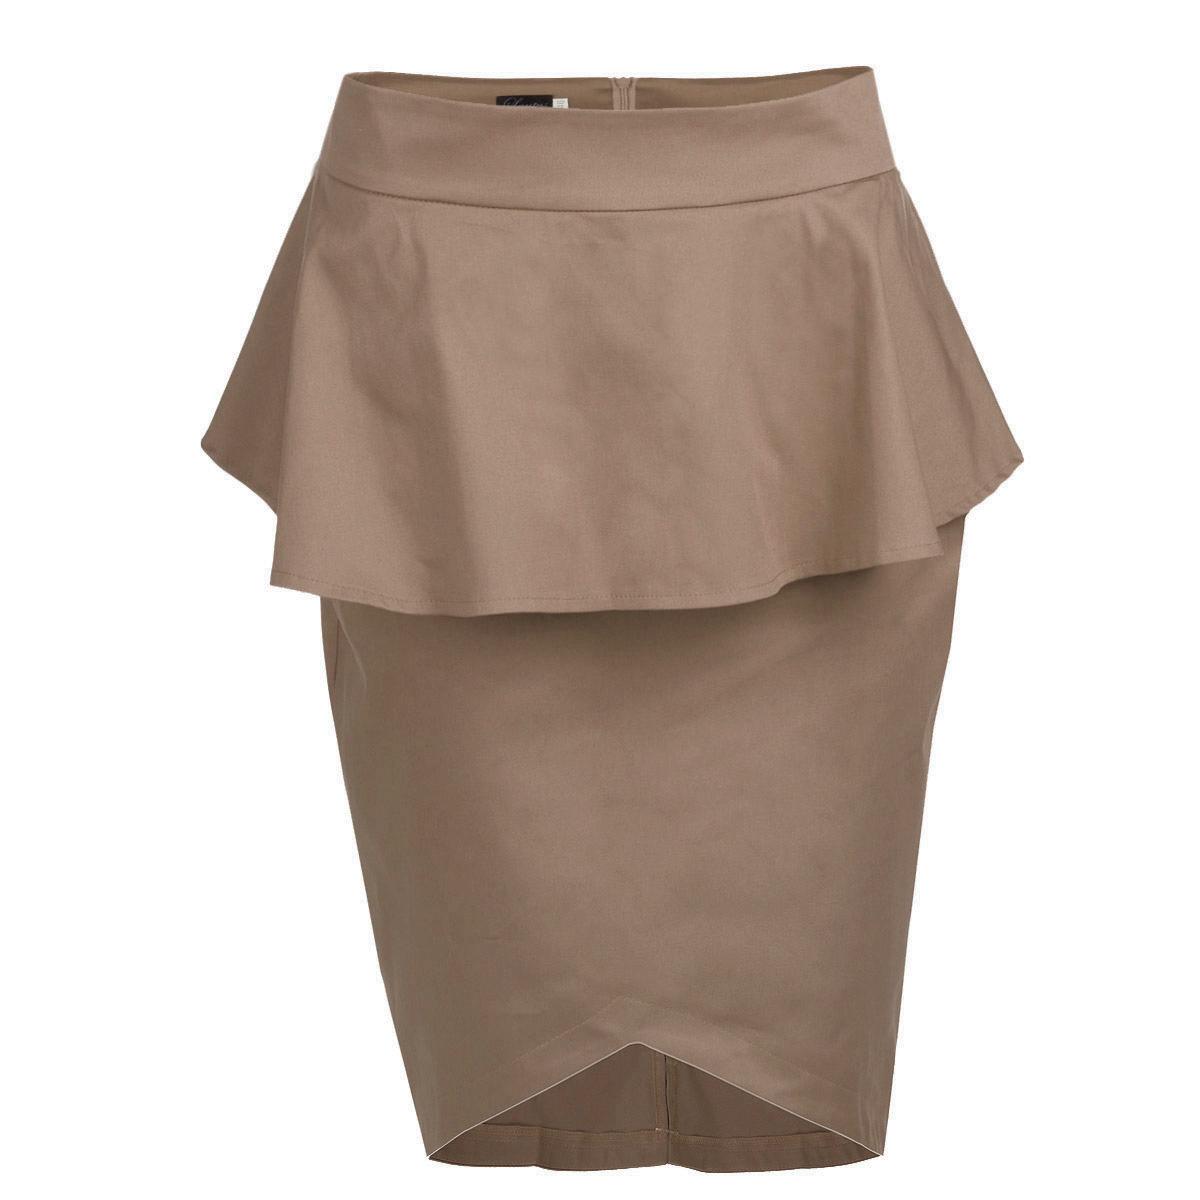 Юбка Lautus, цвет: бежевый. ю0161. Размер 50ю0161Стильная юбка Lautus изготовлена из плотного материала лаконичного цвета. Юбка длины миди подчеркнет все достоинства вашей фигуры. Модель на широком пришивном поясе оформлена элегантной баской и имеет асимметричный подол. Сзади юбка застегивается на потайную молнию и дополнена небольшим разрезом. Эта модная юбка - отличный вариант как на каждый день, так и на торжественное мероприятие. Она займет достойное место в вашем гардеробе и подчеркнет ваш безупречный вкус.